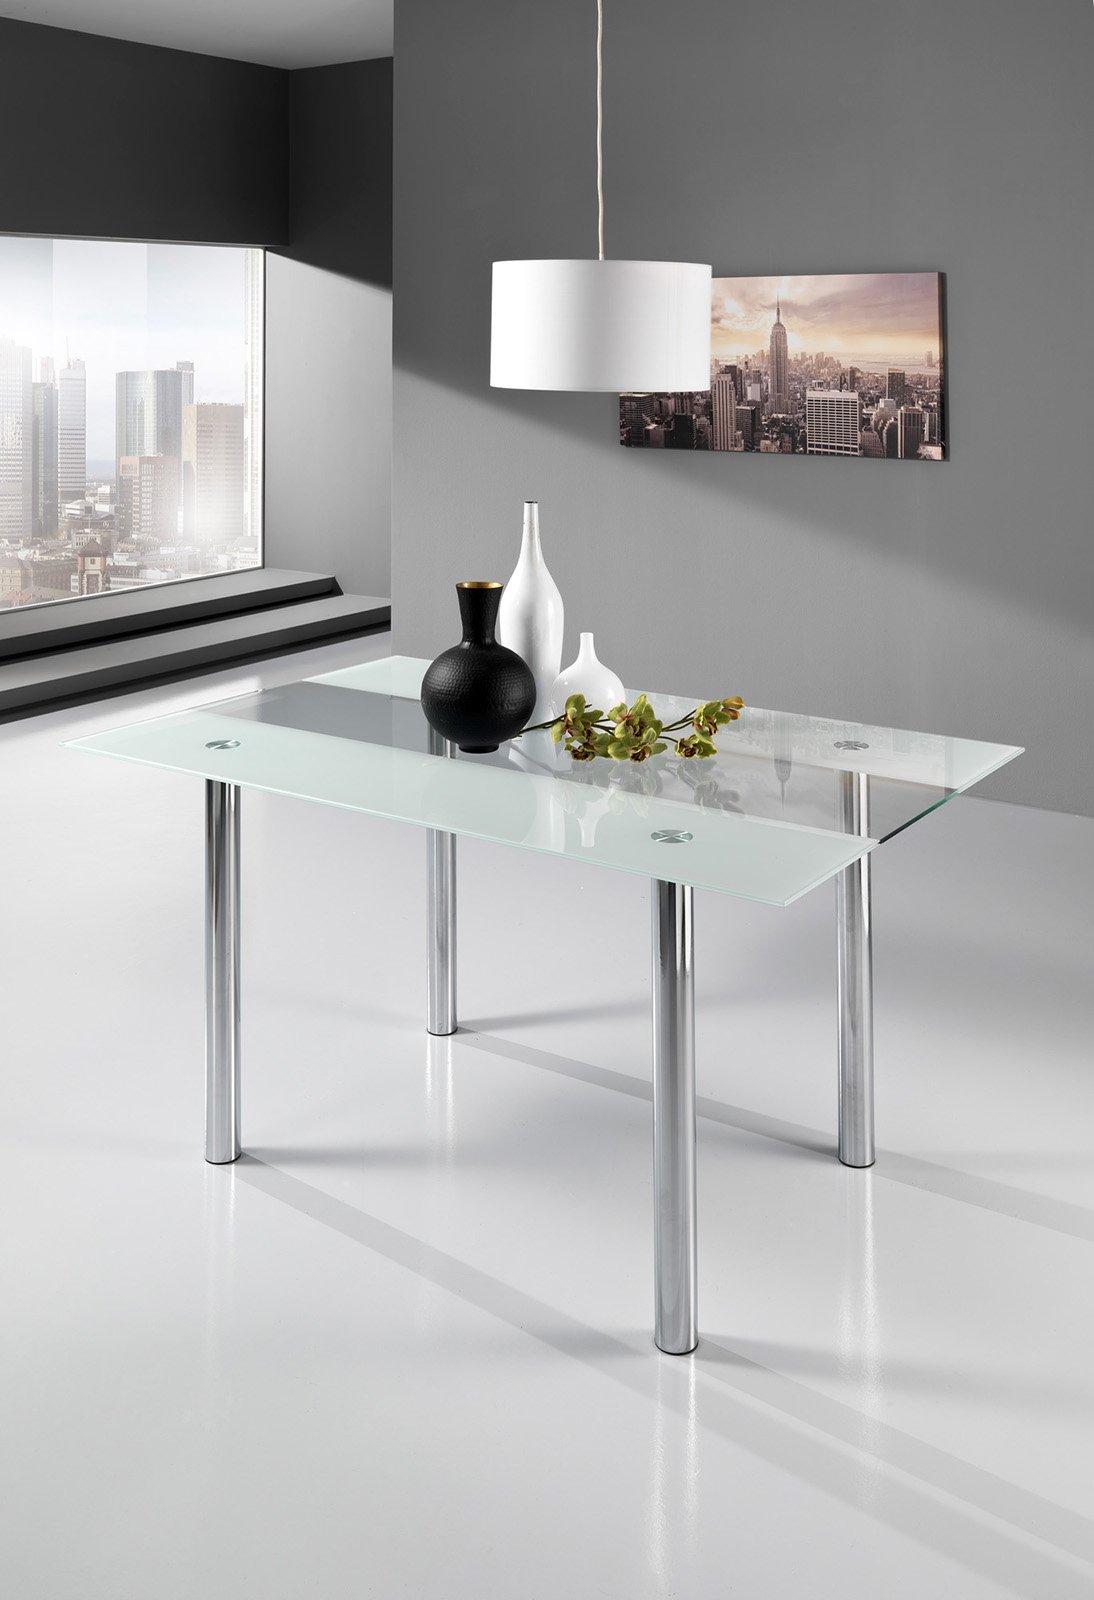 Tavoli: piano in vetro, gambe protagoniste - Cose di Casa